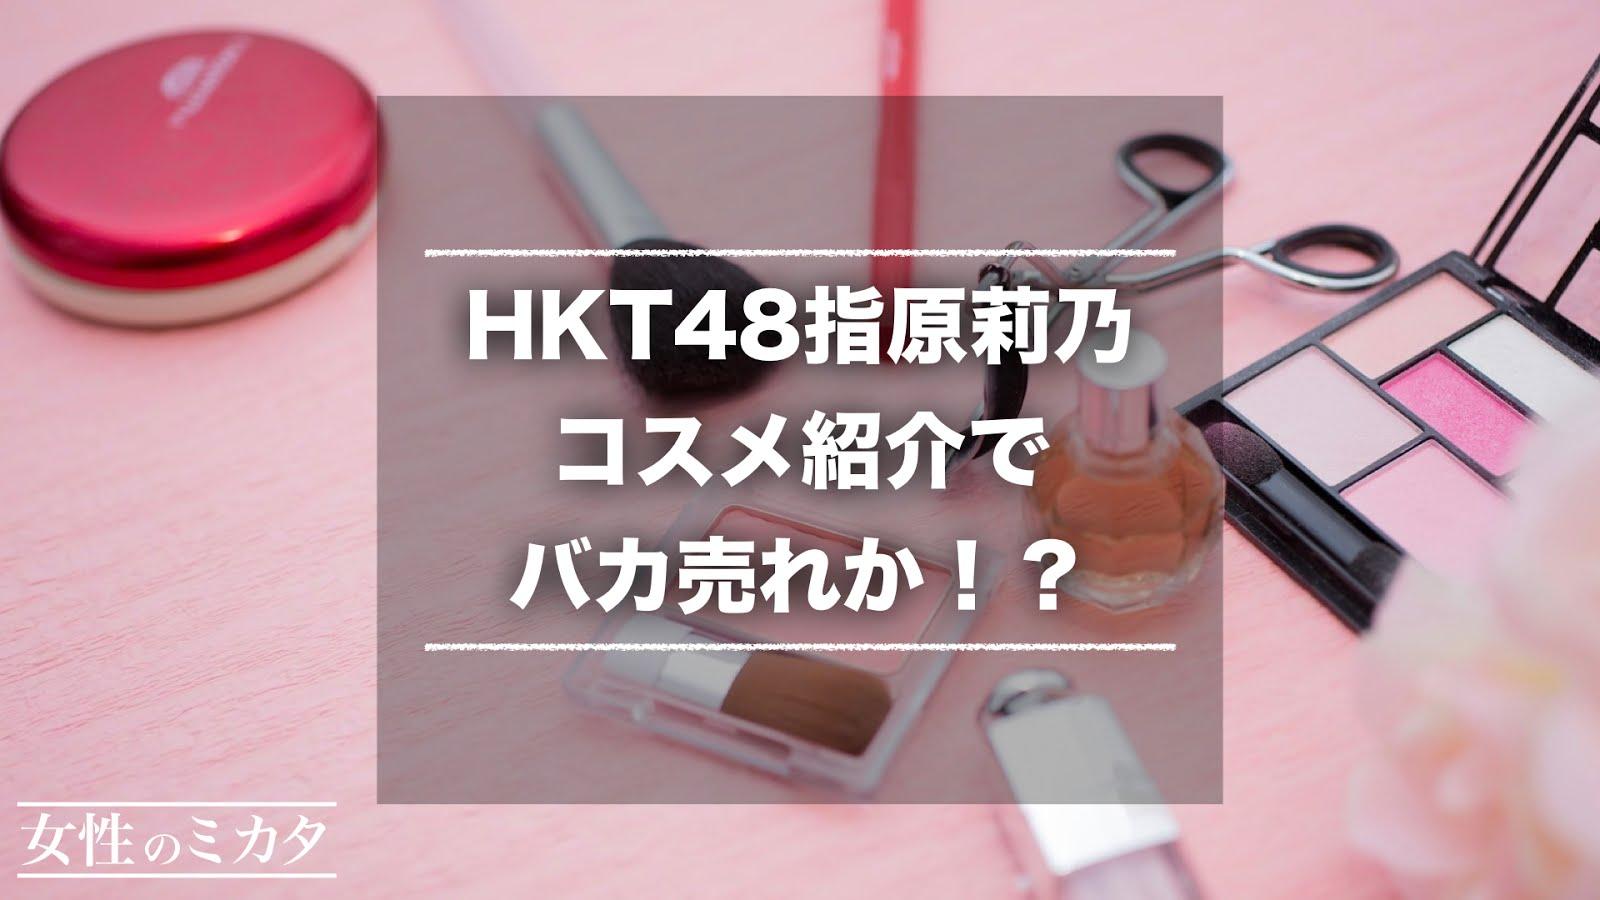 【タレント愛用コスメ】HTK48指原莉乃